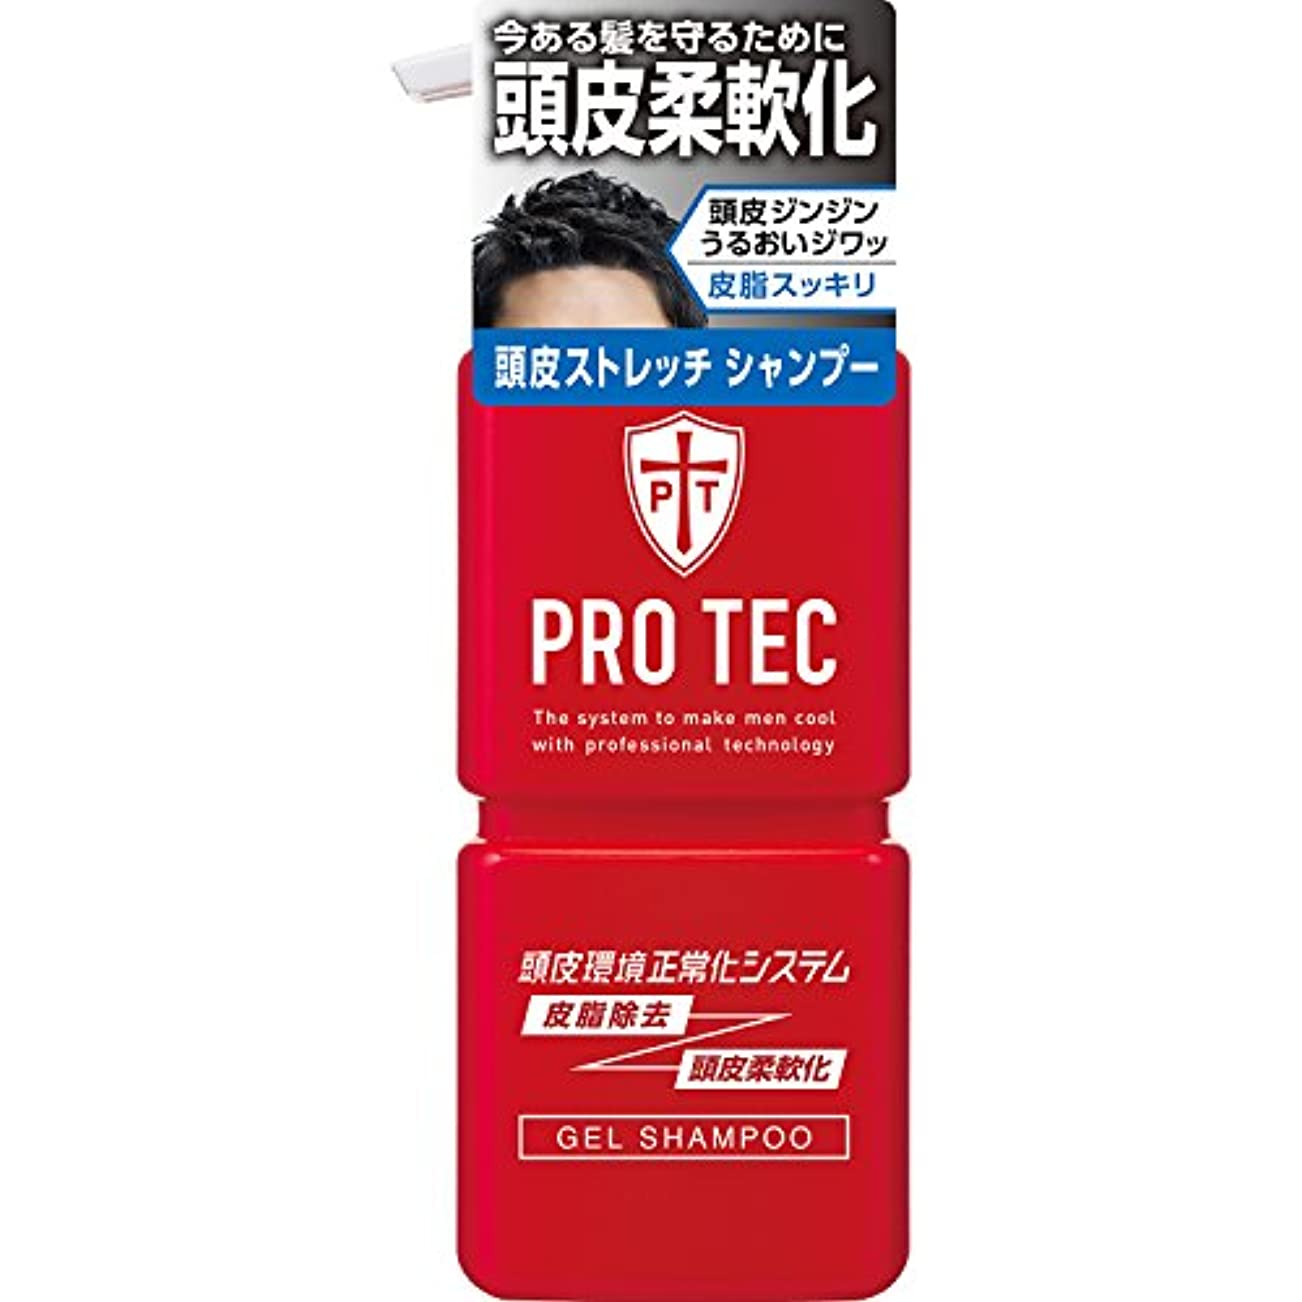 トラップ補助金箱PRO TEC(プロテク) 頭皮ストレッチ シャンプー 本体ポンプ 300g(医薬部外品)